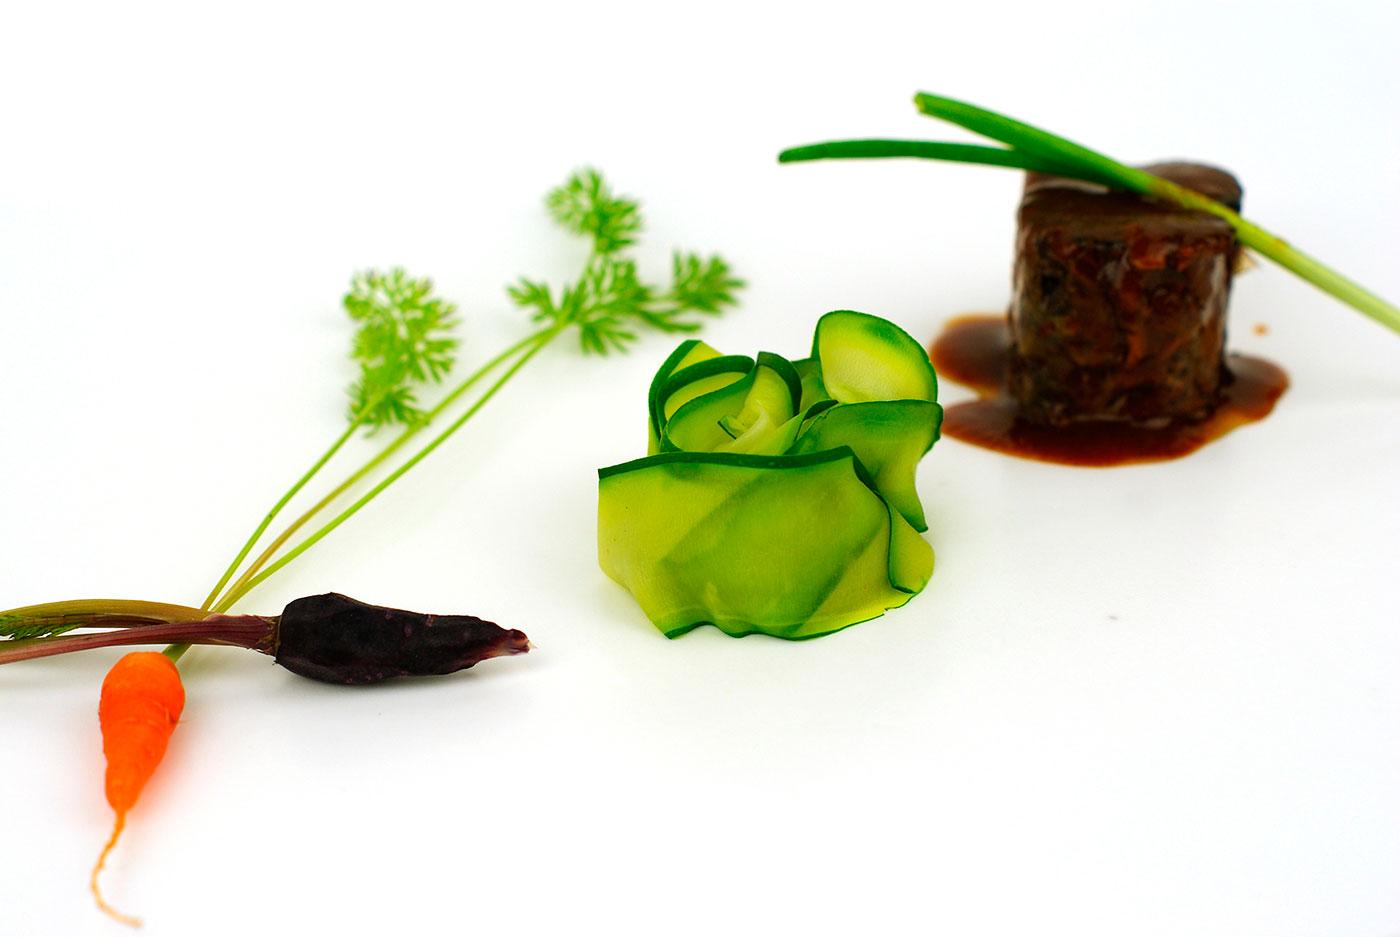 loxe-mareiro-abastos2.0-elfotogastro-fotografia-de-comida